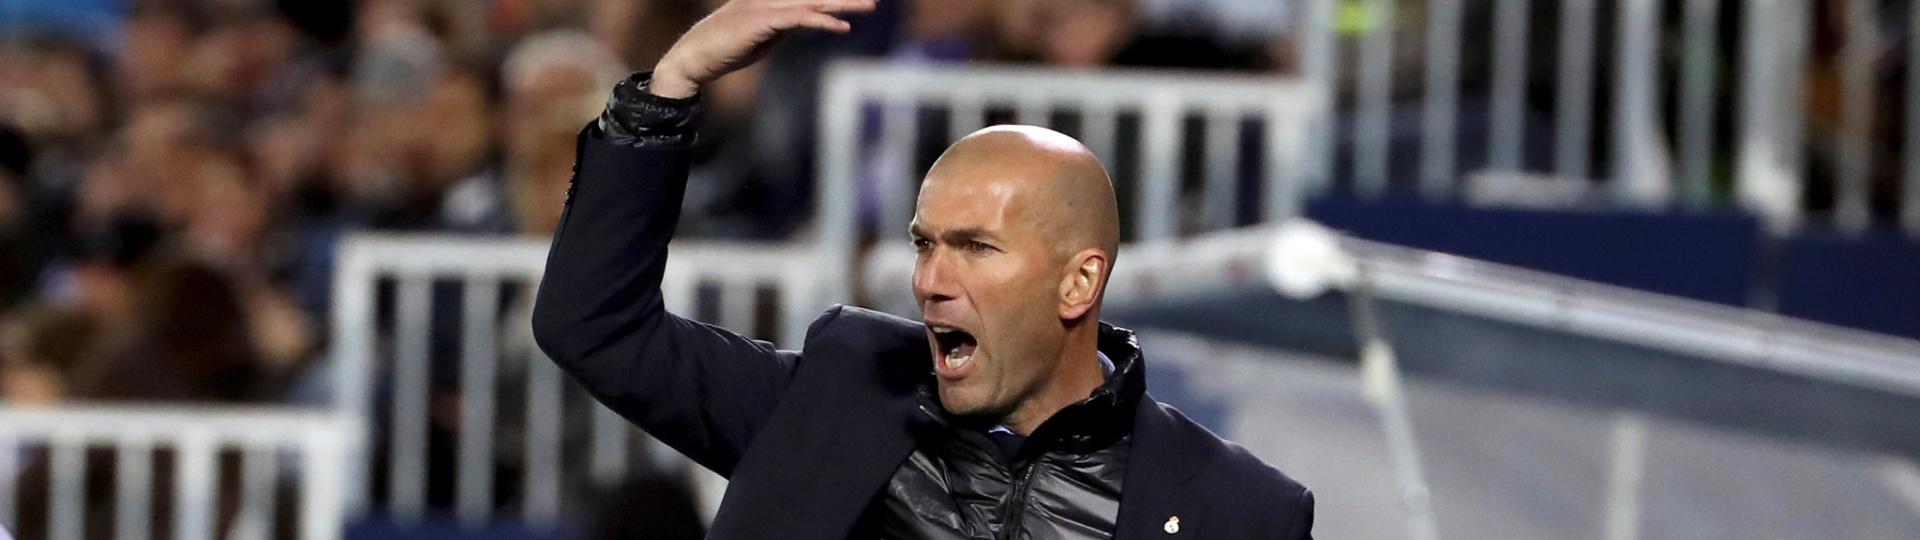 Zidane orienta o Real Madrid contra o Leganés